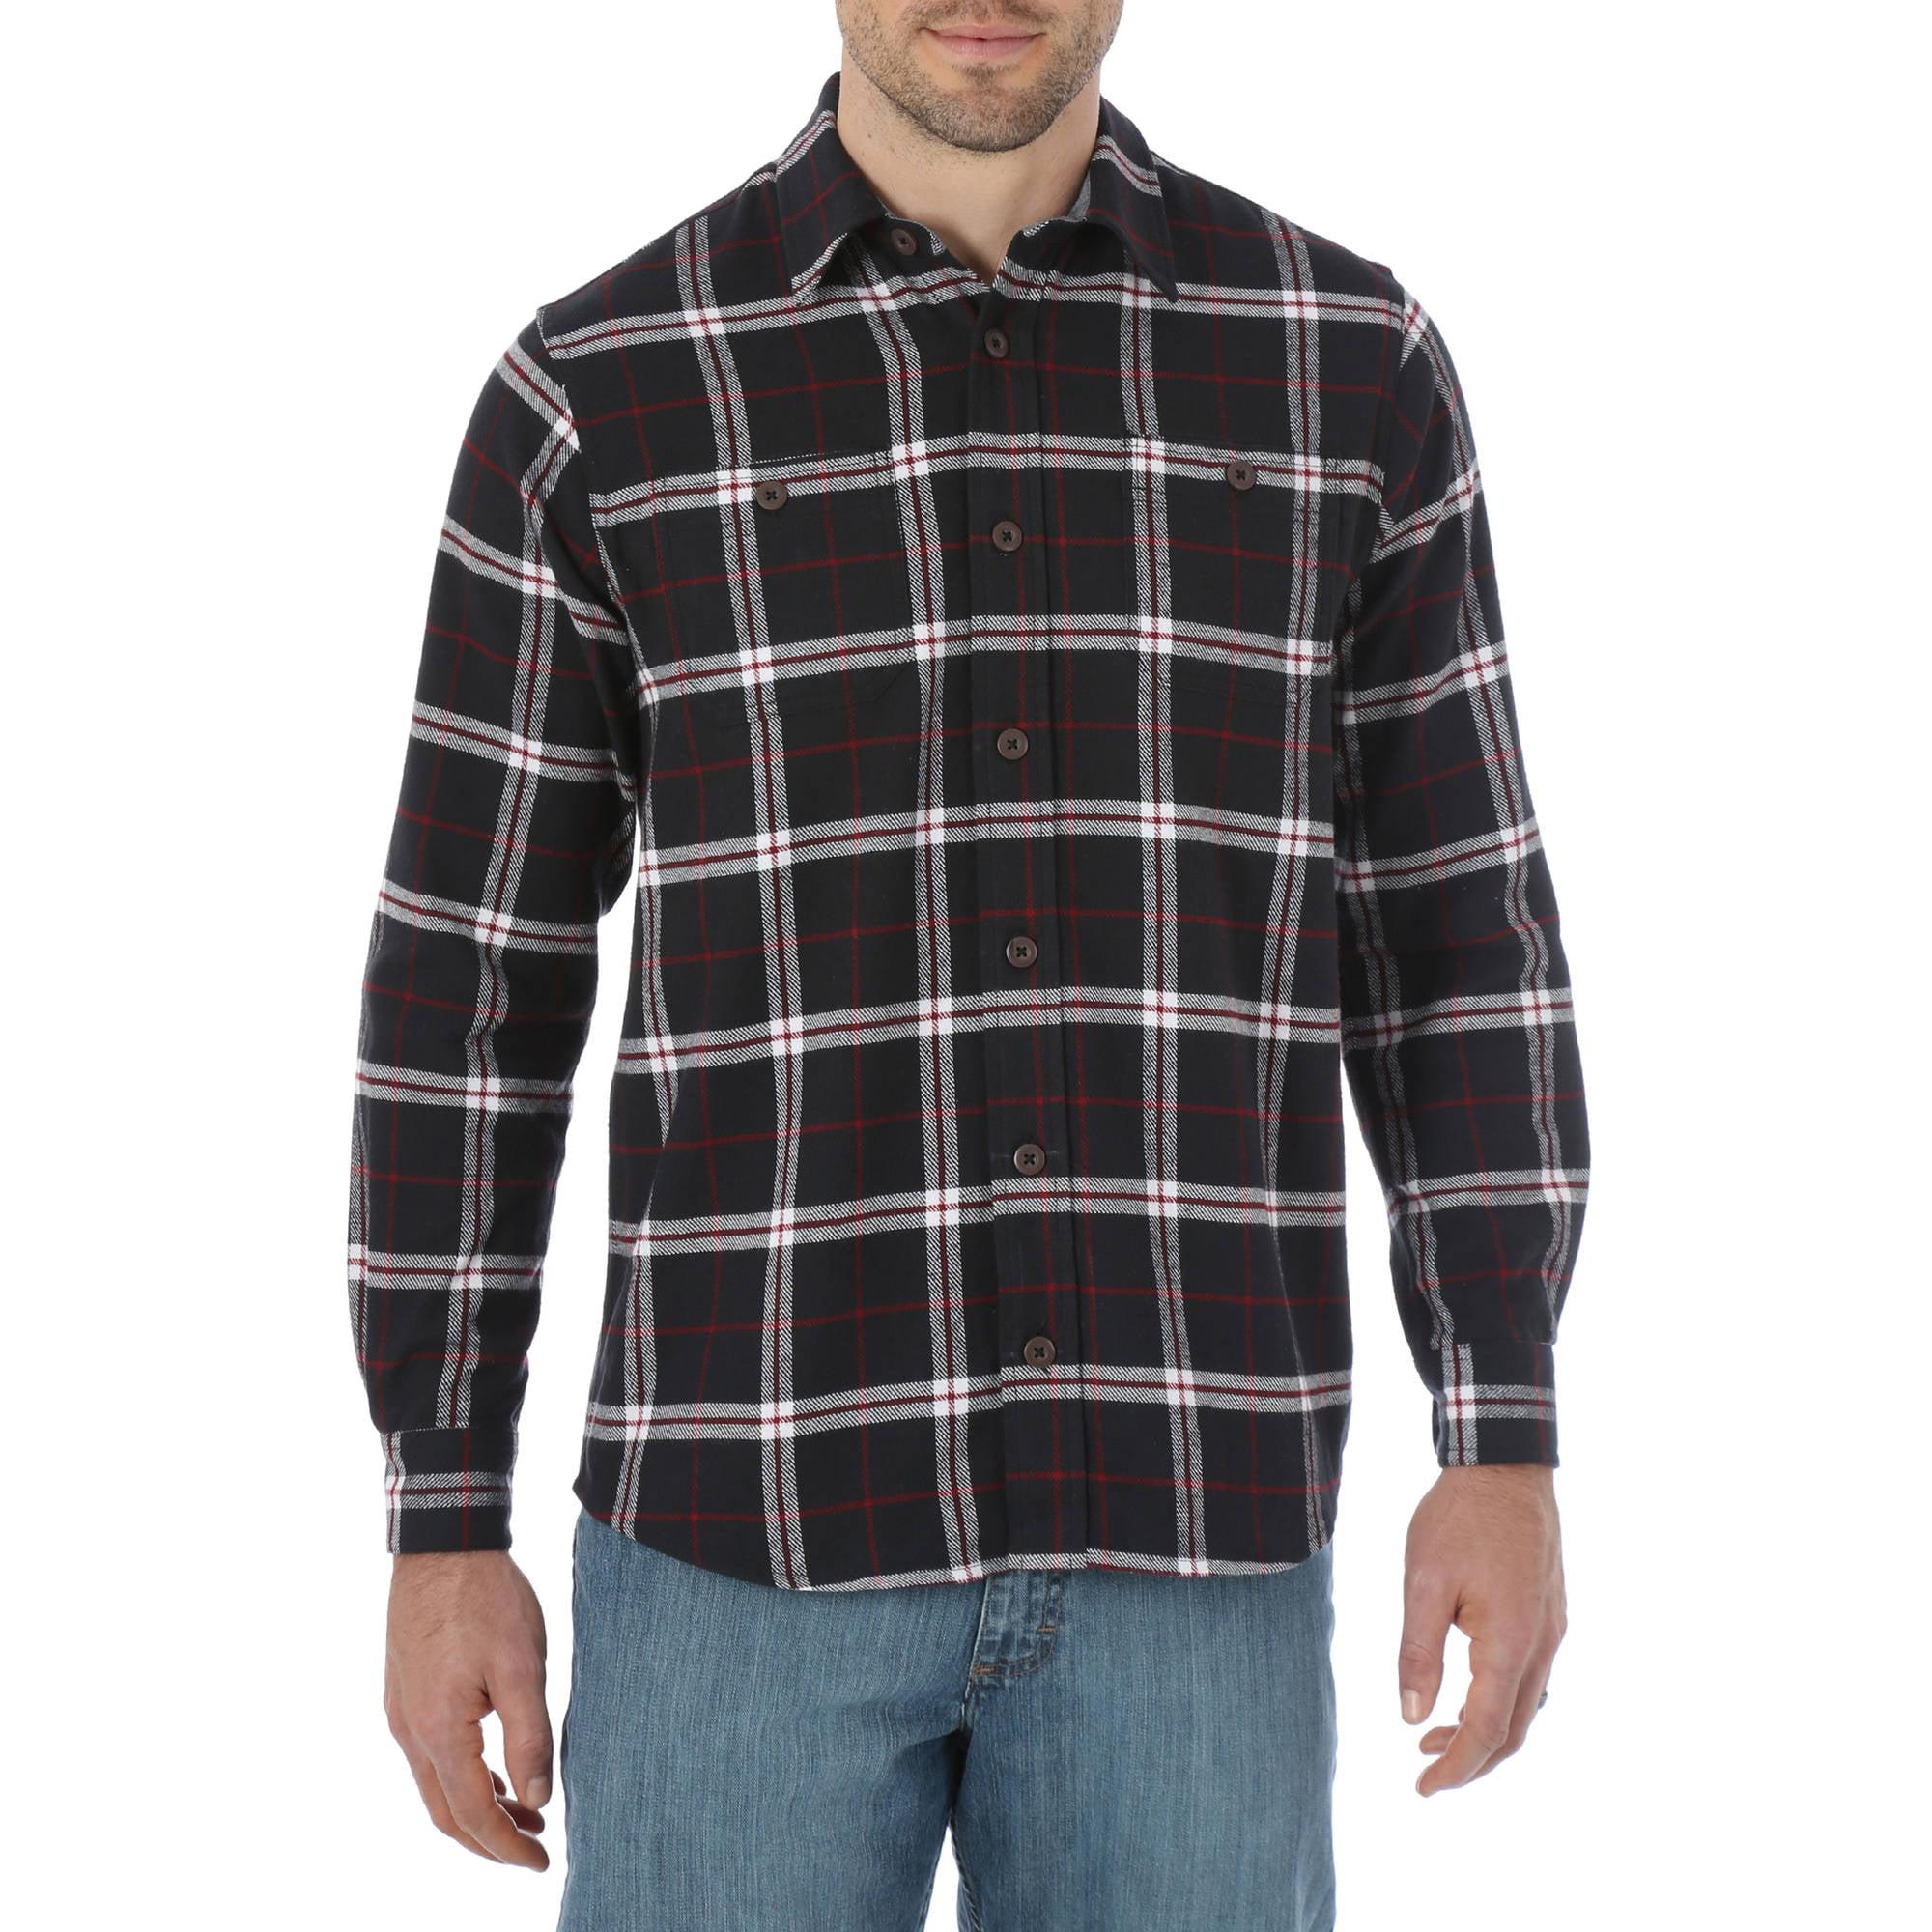 Wrangler Men's Premium Long Sleeve Flannel Shirt